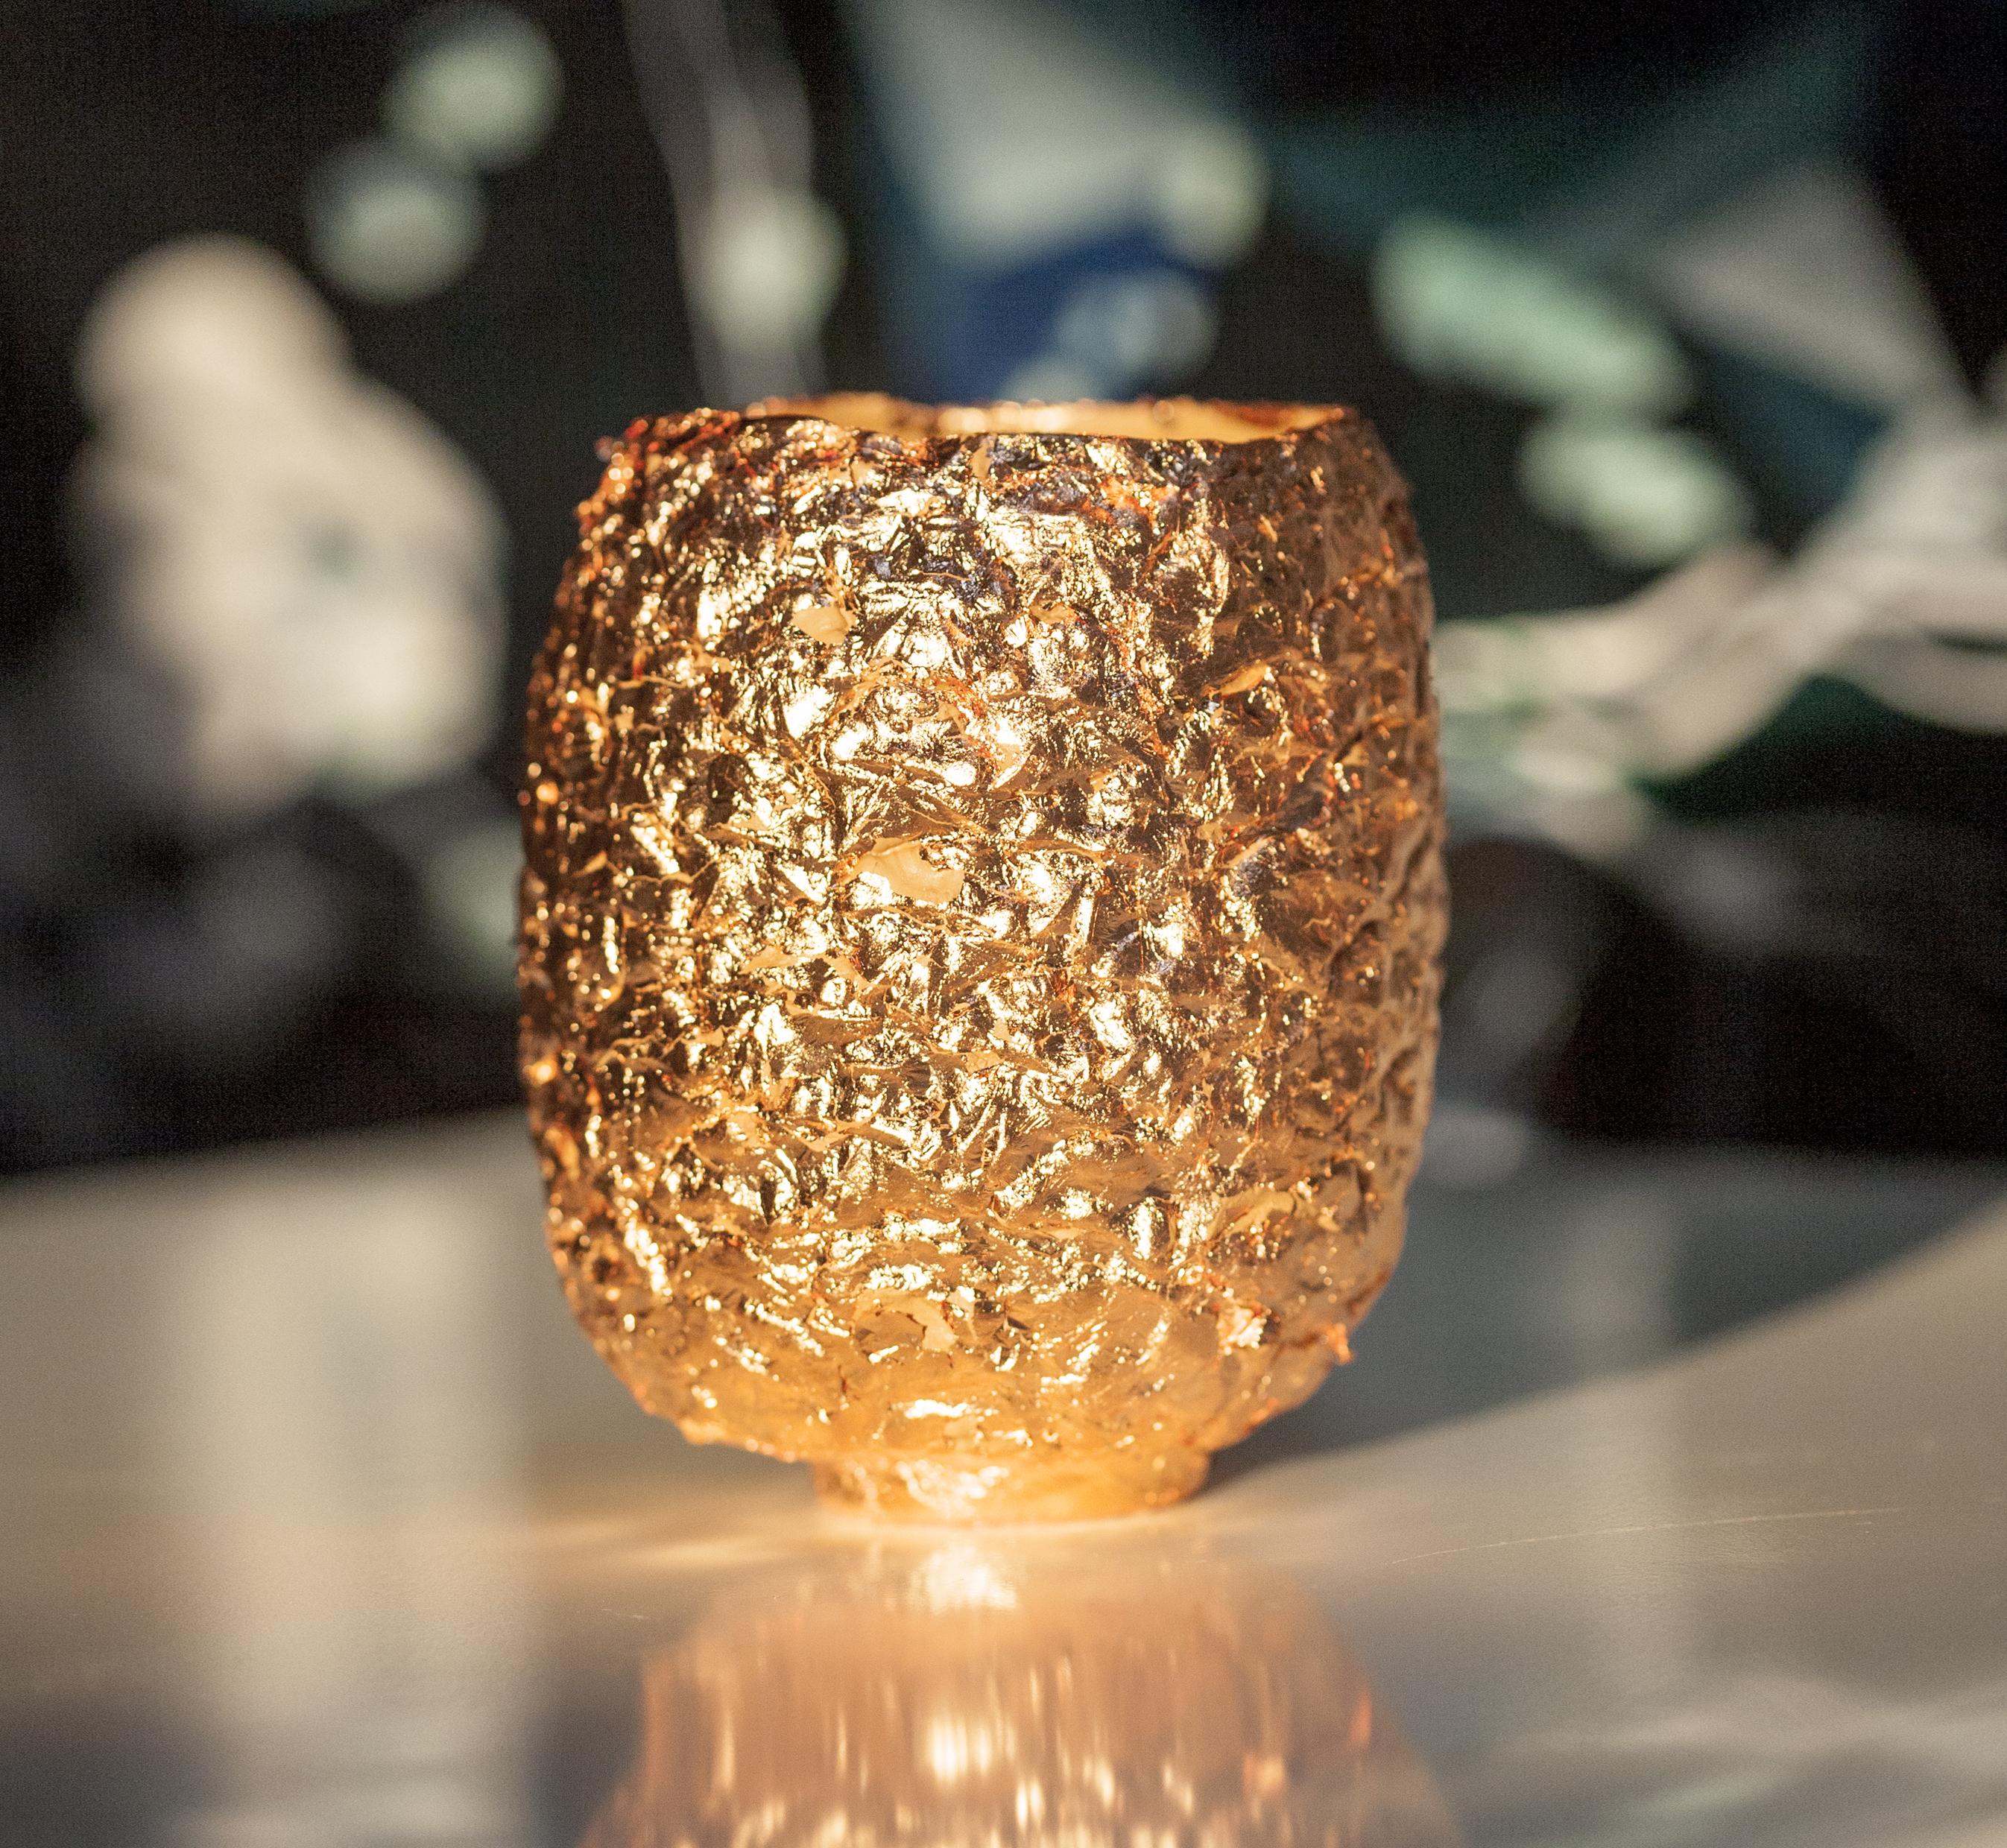 Immagine di vaso in ceramica a forma di ananas con foglia di rame